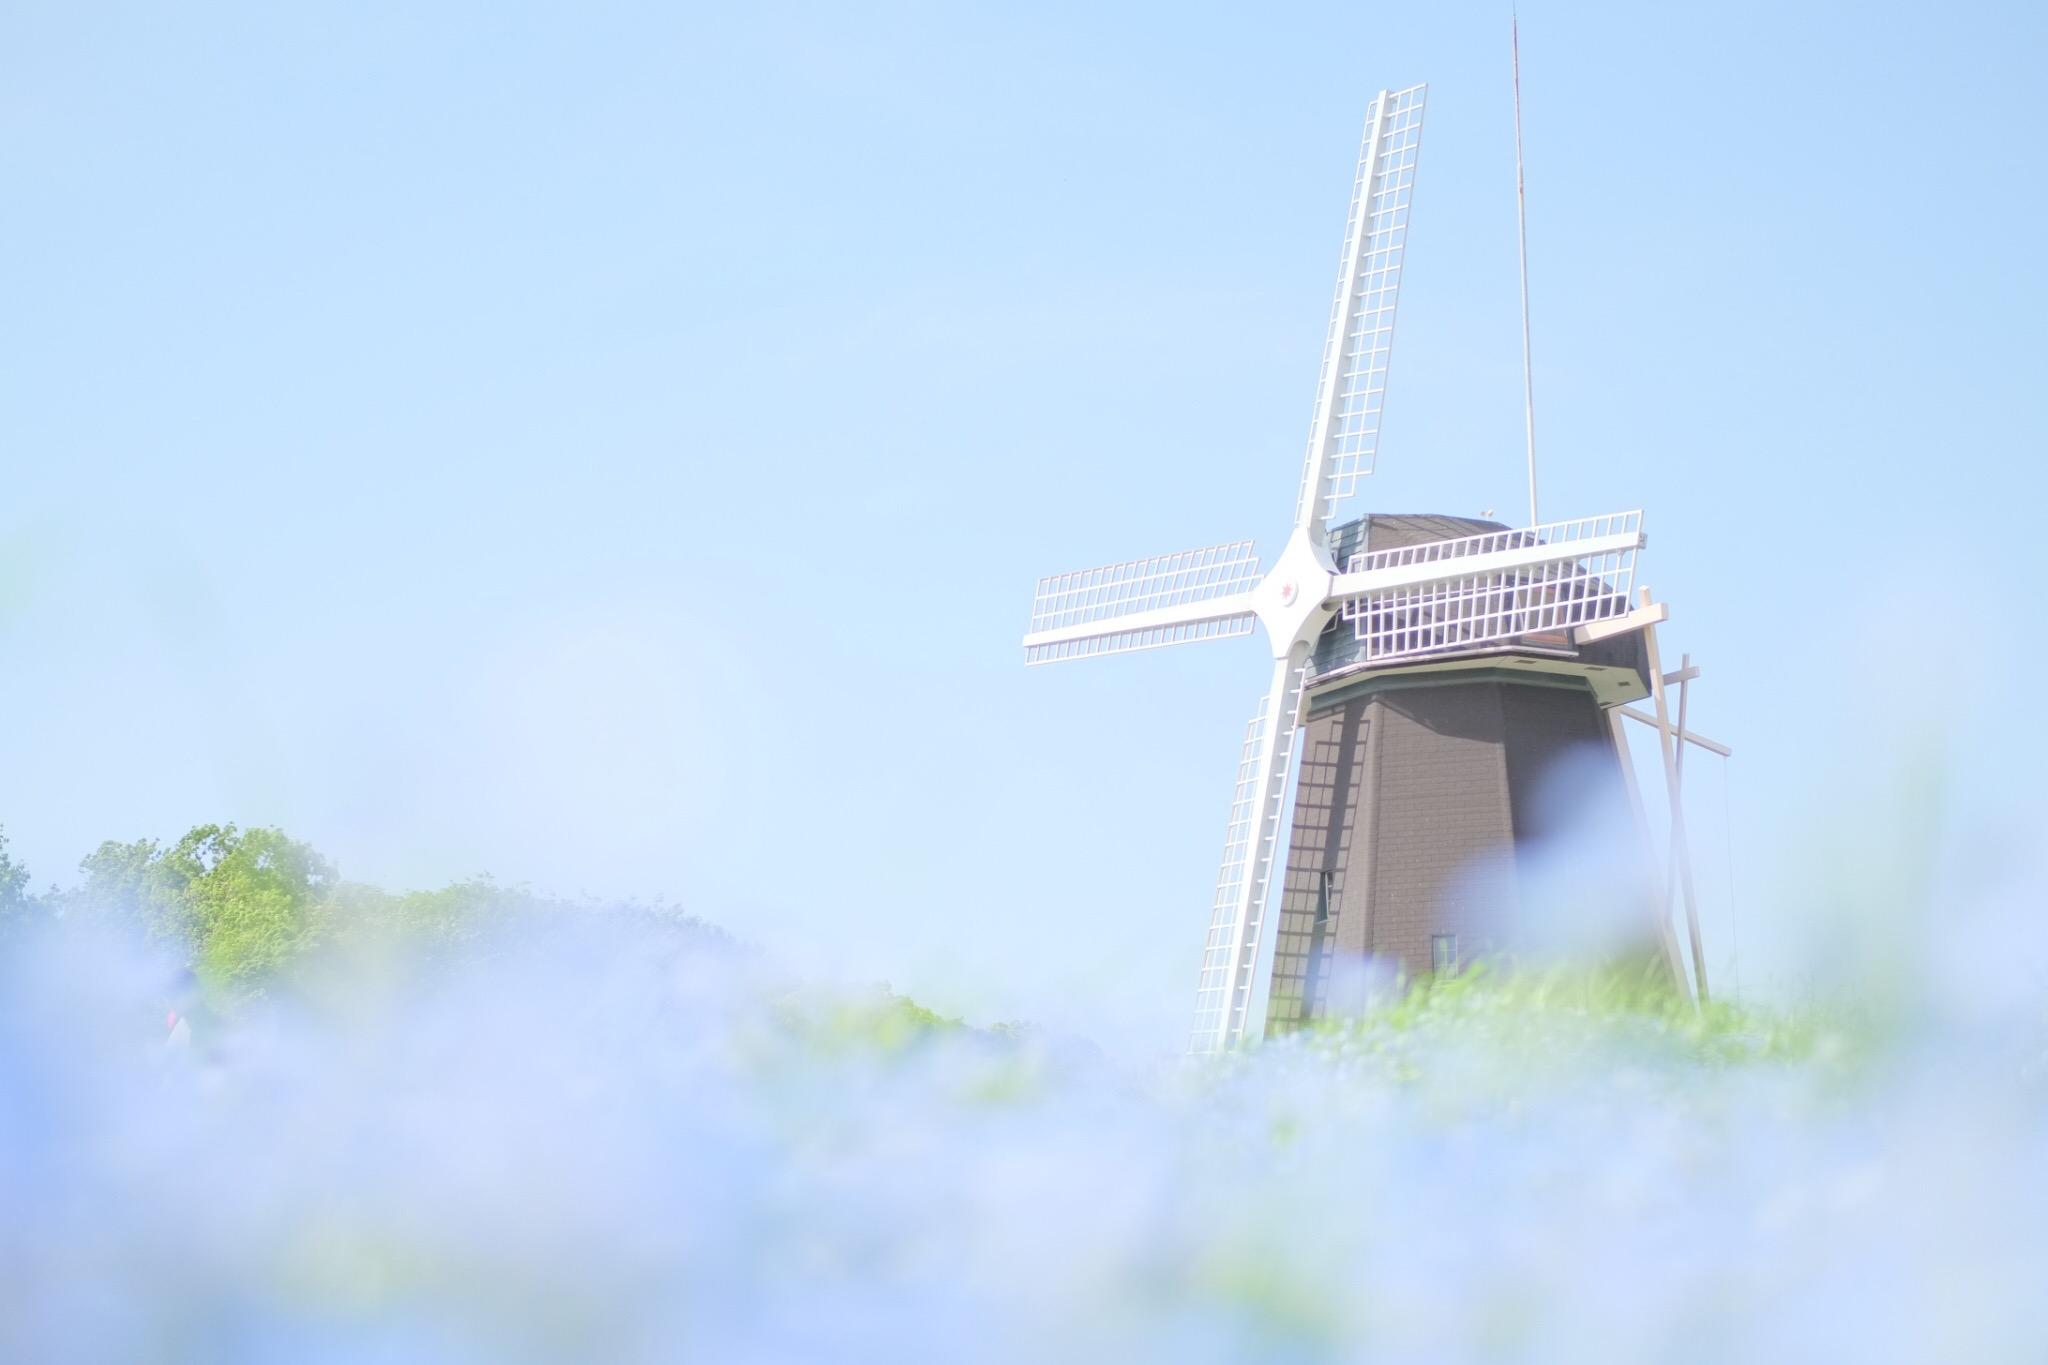 鶴見緑地公園で風車とネモフィラのショットを